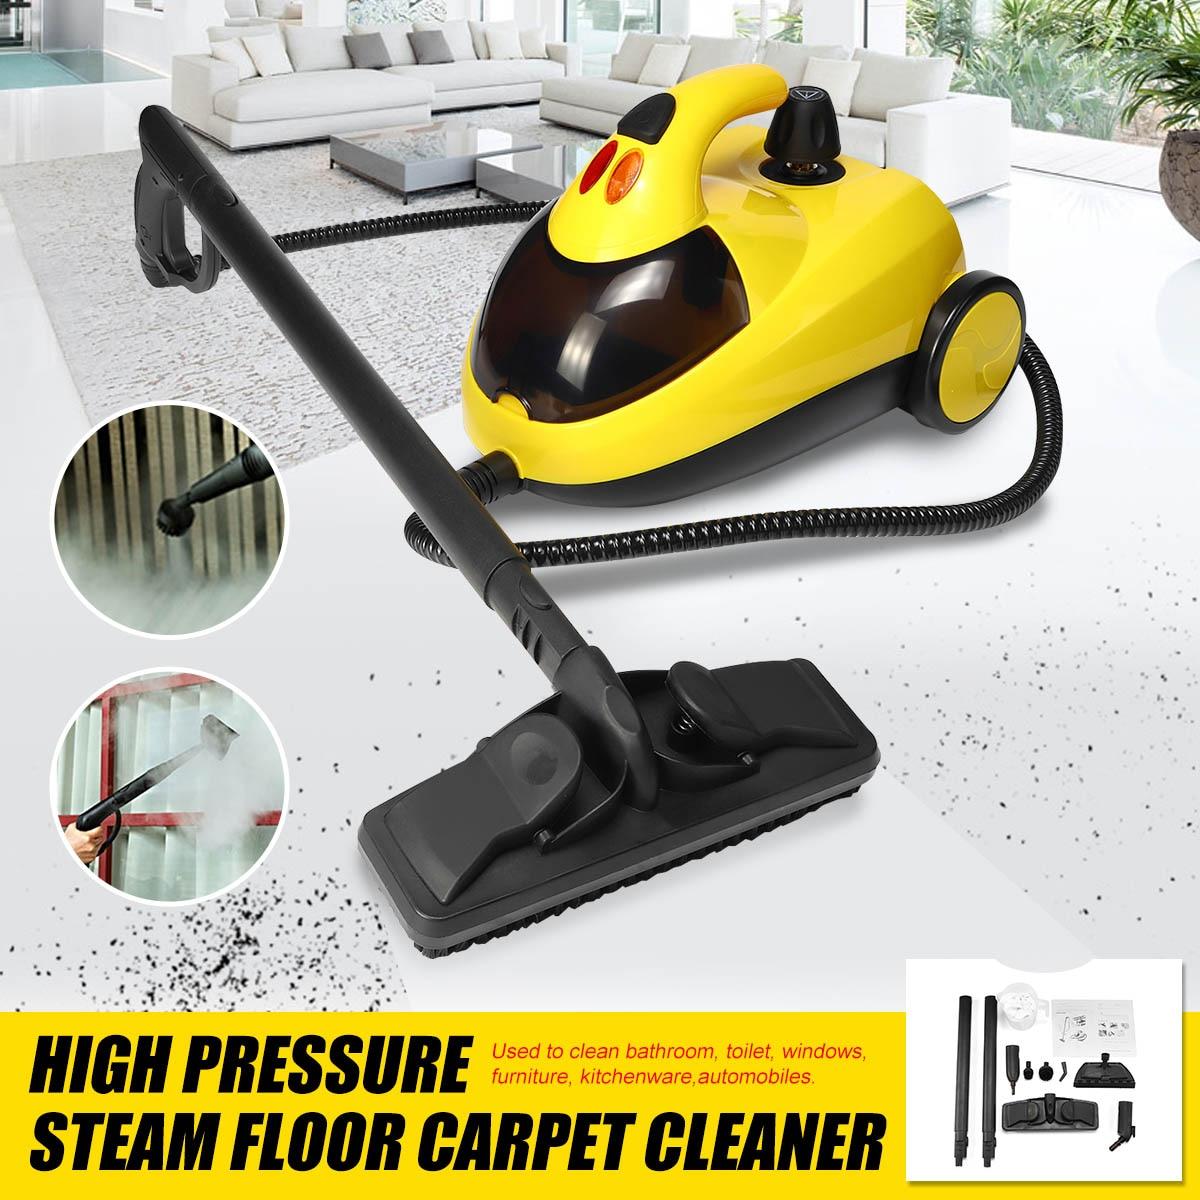 Pavimento Moquette Cleaner Rondella di Pulizia A Vapore Ad alta Pressione Macchina 13in1 AU220V 1.5L4.0 1800W Bar 360 Ruota per il Bagno Pulito auto